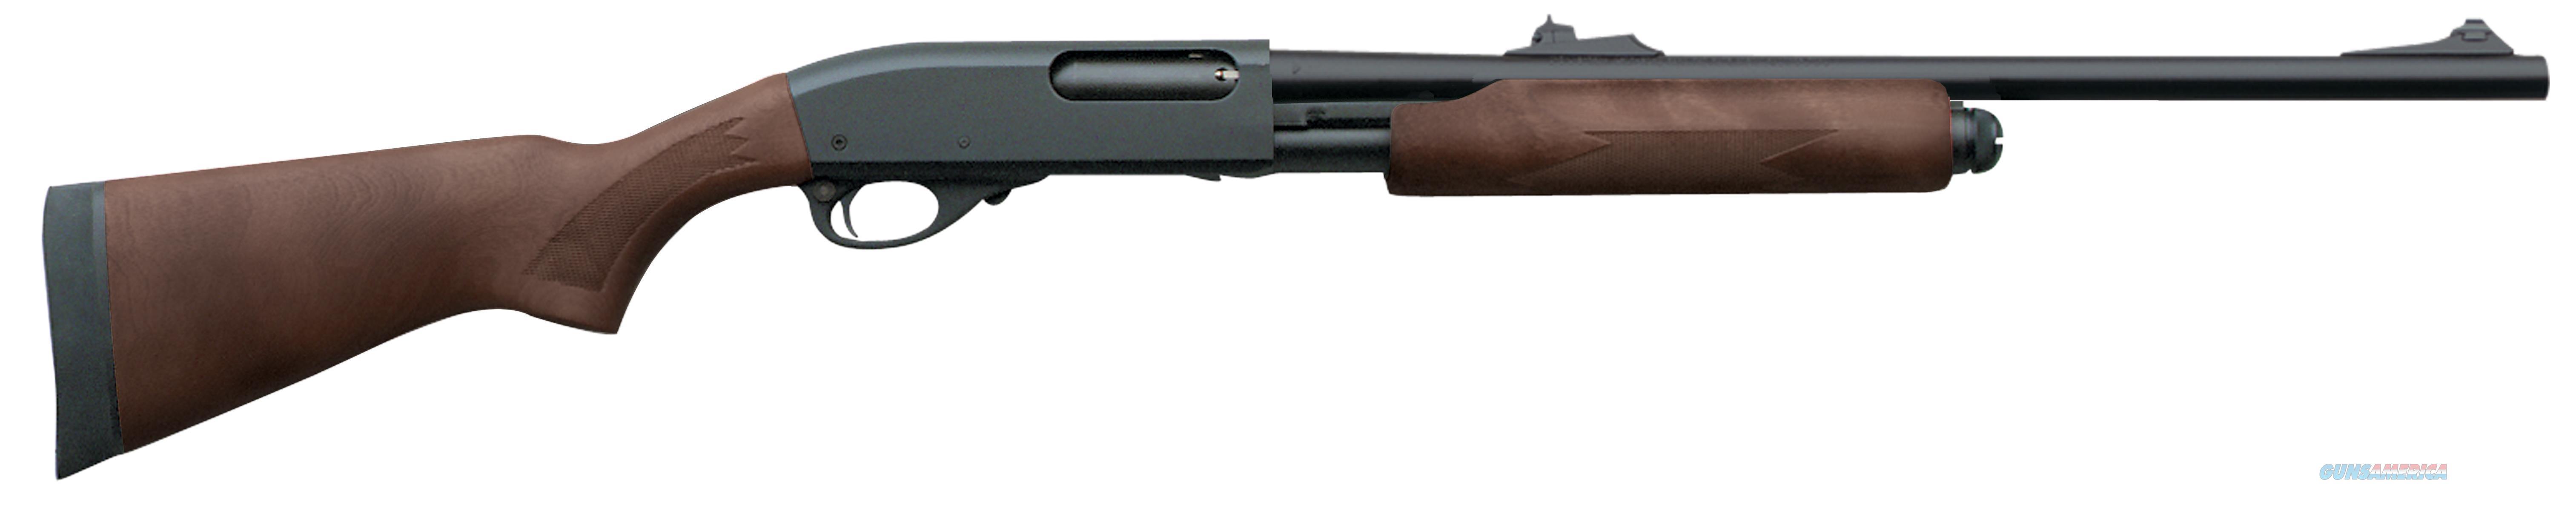 """Remington Firearms 25575 870 Express Deer Fully Rifled Pump 12 Gauge 20"""" 3"""" Hardwood Monte Carlo Stk Black 25575  Guns > Shotguns > R Misc Shotguns"""